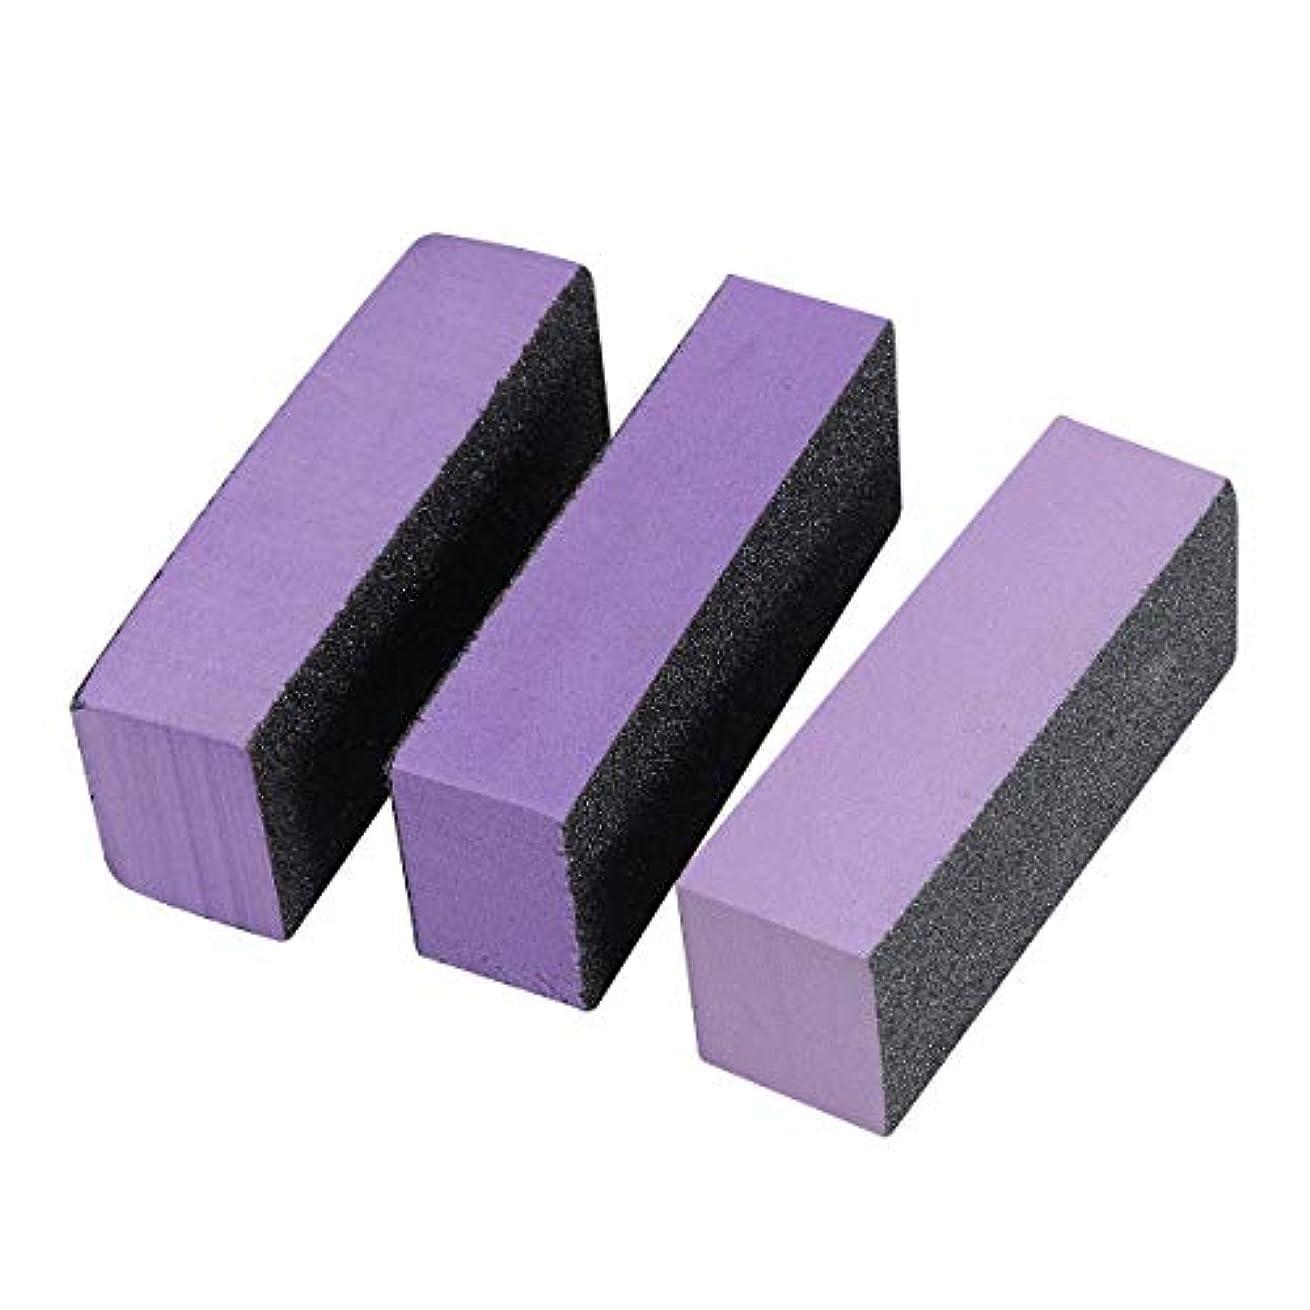 に勝る軽食酸度Lurrose スポンジネイルファイル ネイルバッファーブロック 3サイド ネイル ポリッシュストリップ エメリーボード ネイルツール用品3ピース